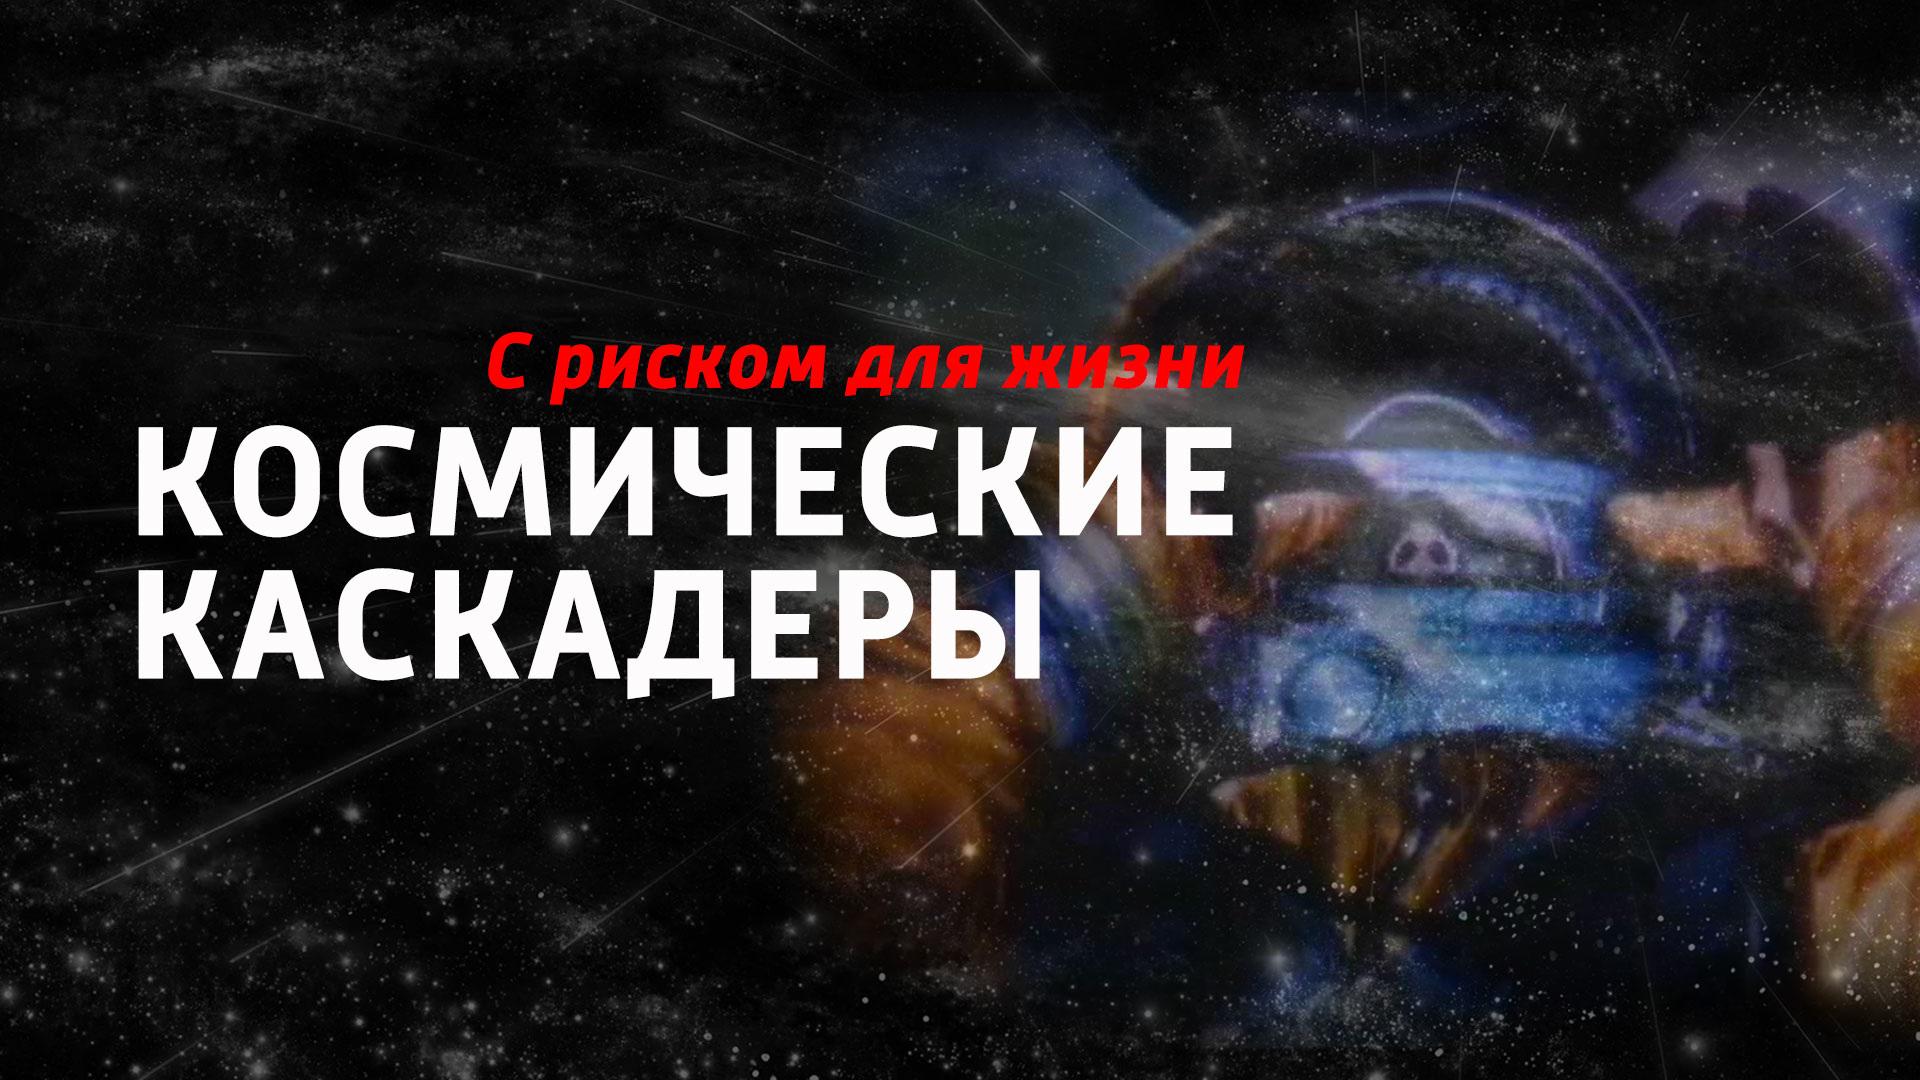 Космические каскадеры. С риском для жизни